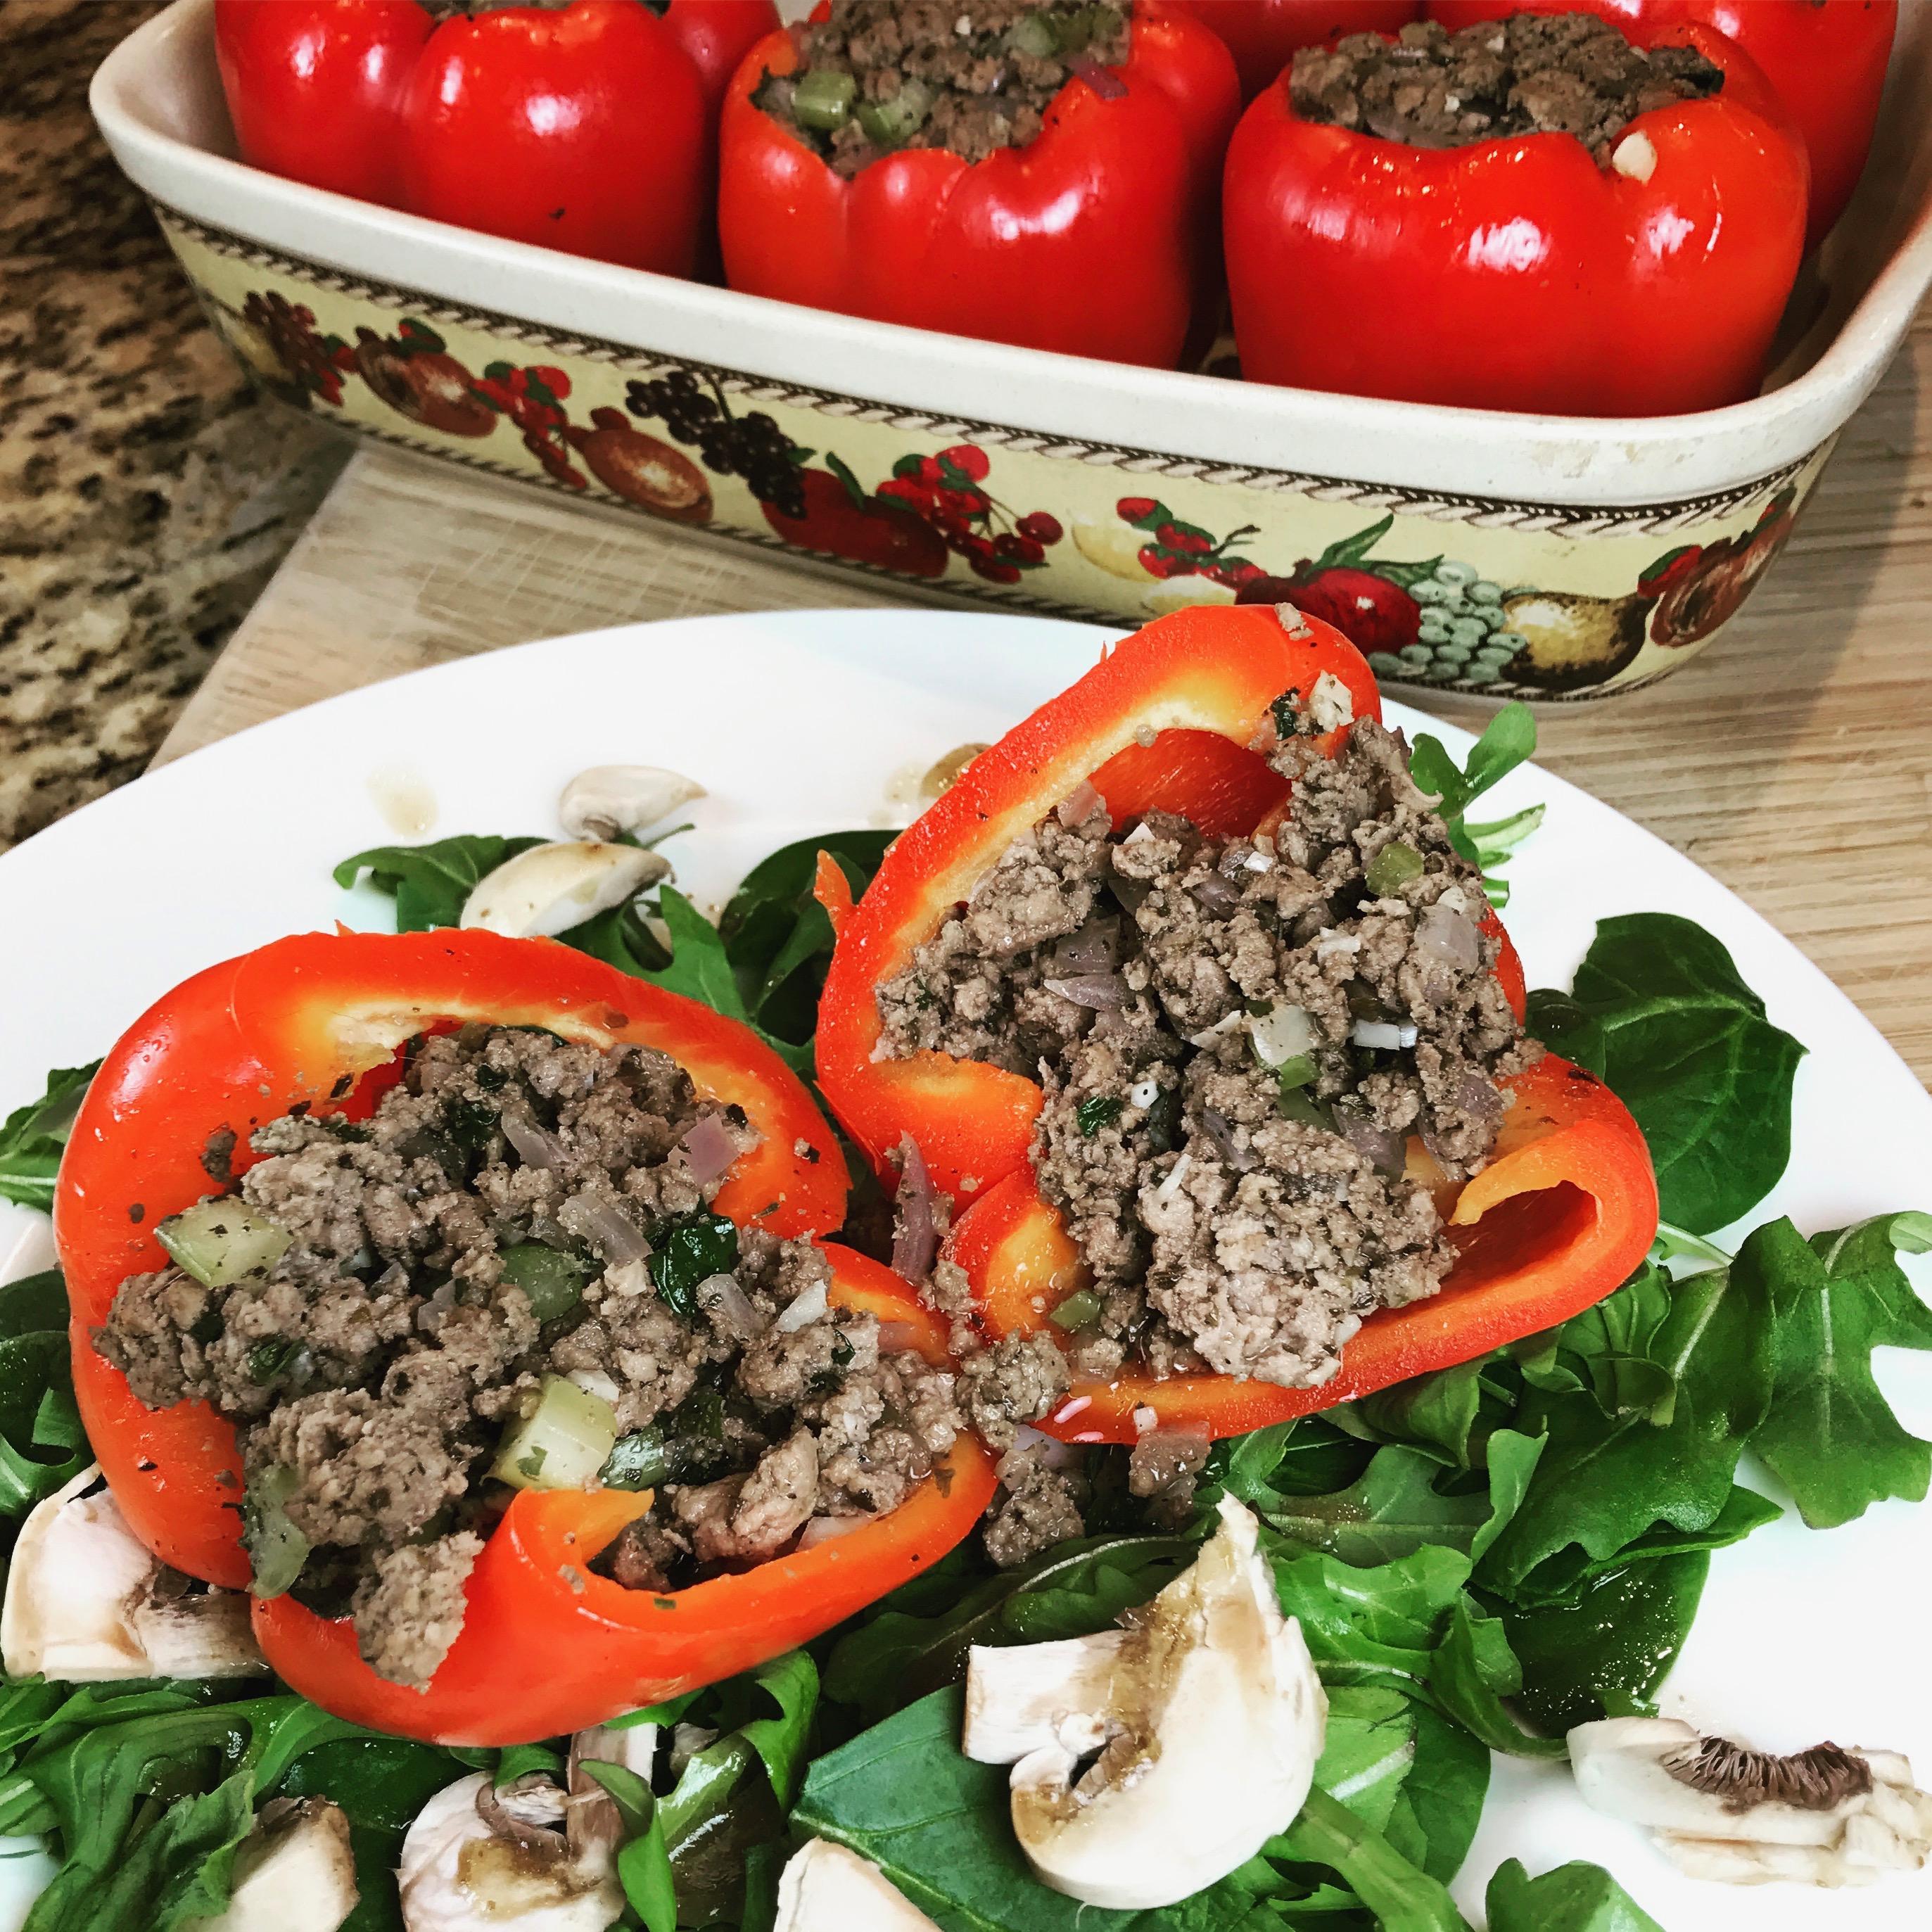 Stuffed Red Bell Pepper Recipe